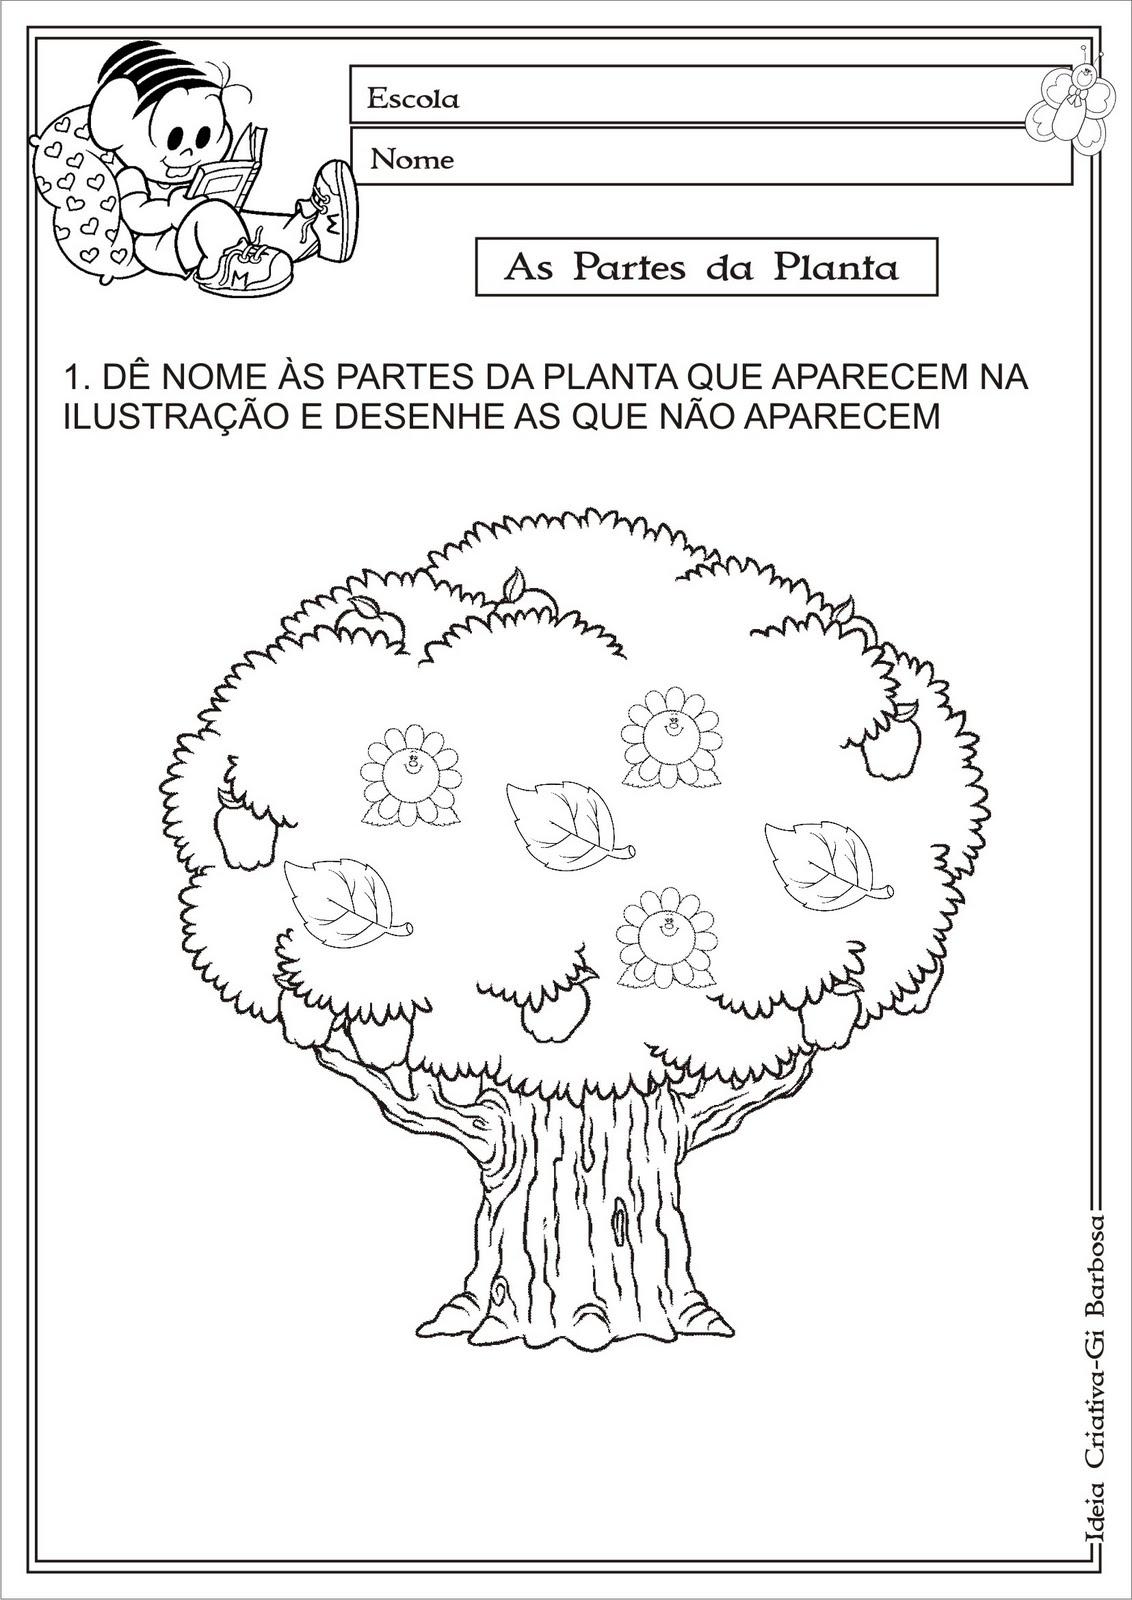 atividades horta pomar jardim educacao infantil:quinta-feira, 31 de maio de 2012